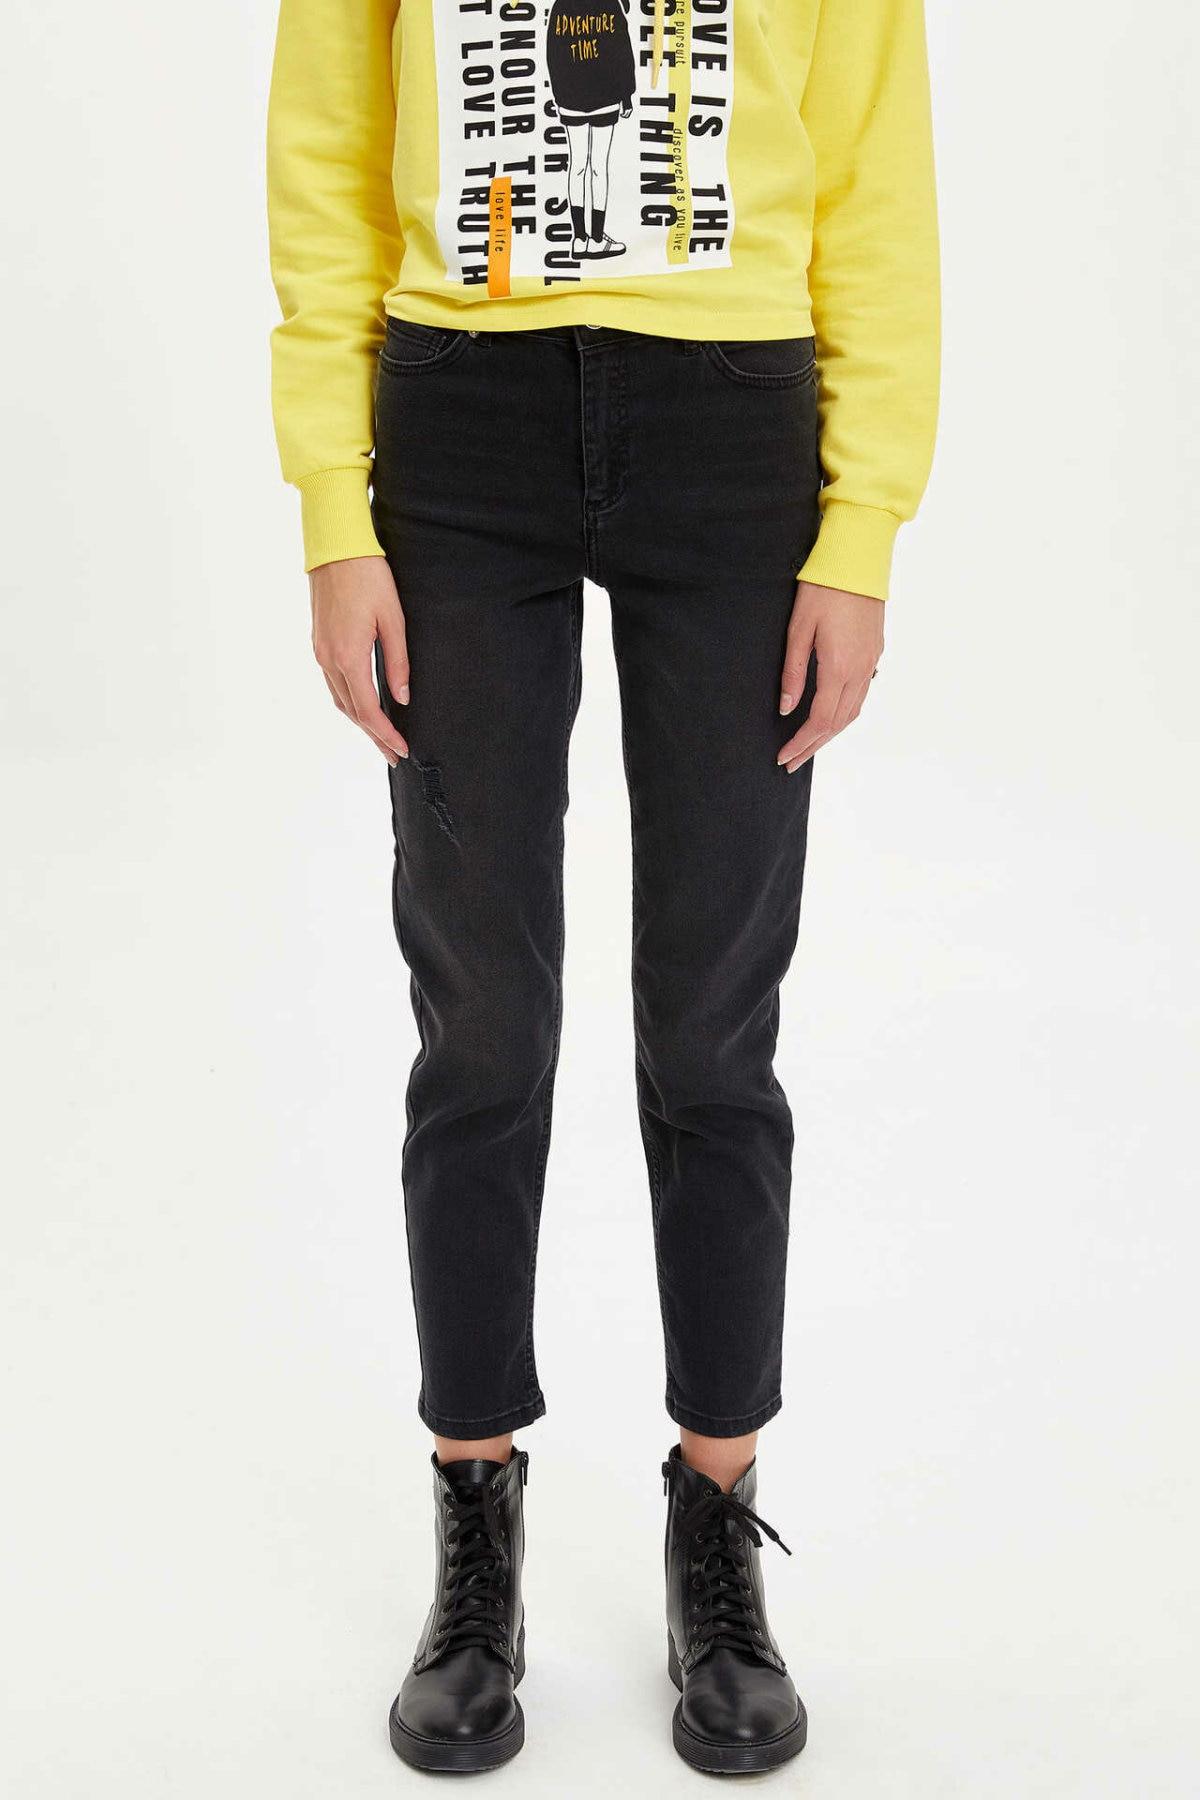 DeFacto Women Fashion Solid Jean Trousers Womens Mid Waist Elastic Denim Female Loose Pencil Crop Pants Lady - L7327AZ19AU